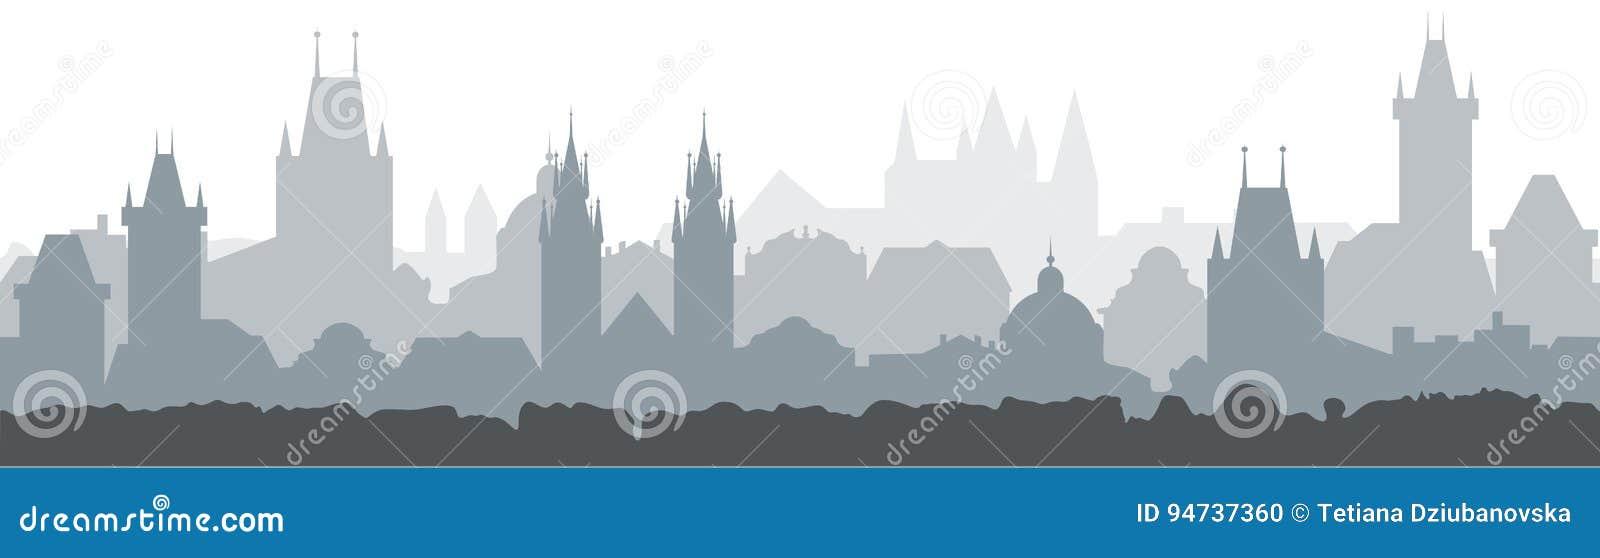 Fondo inconsútil del paisaje urbano Diseño del ejemplo del vector - ciudad de Praga